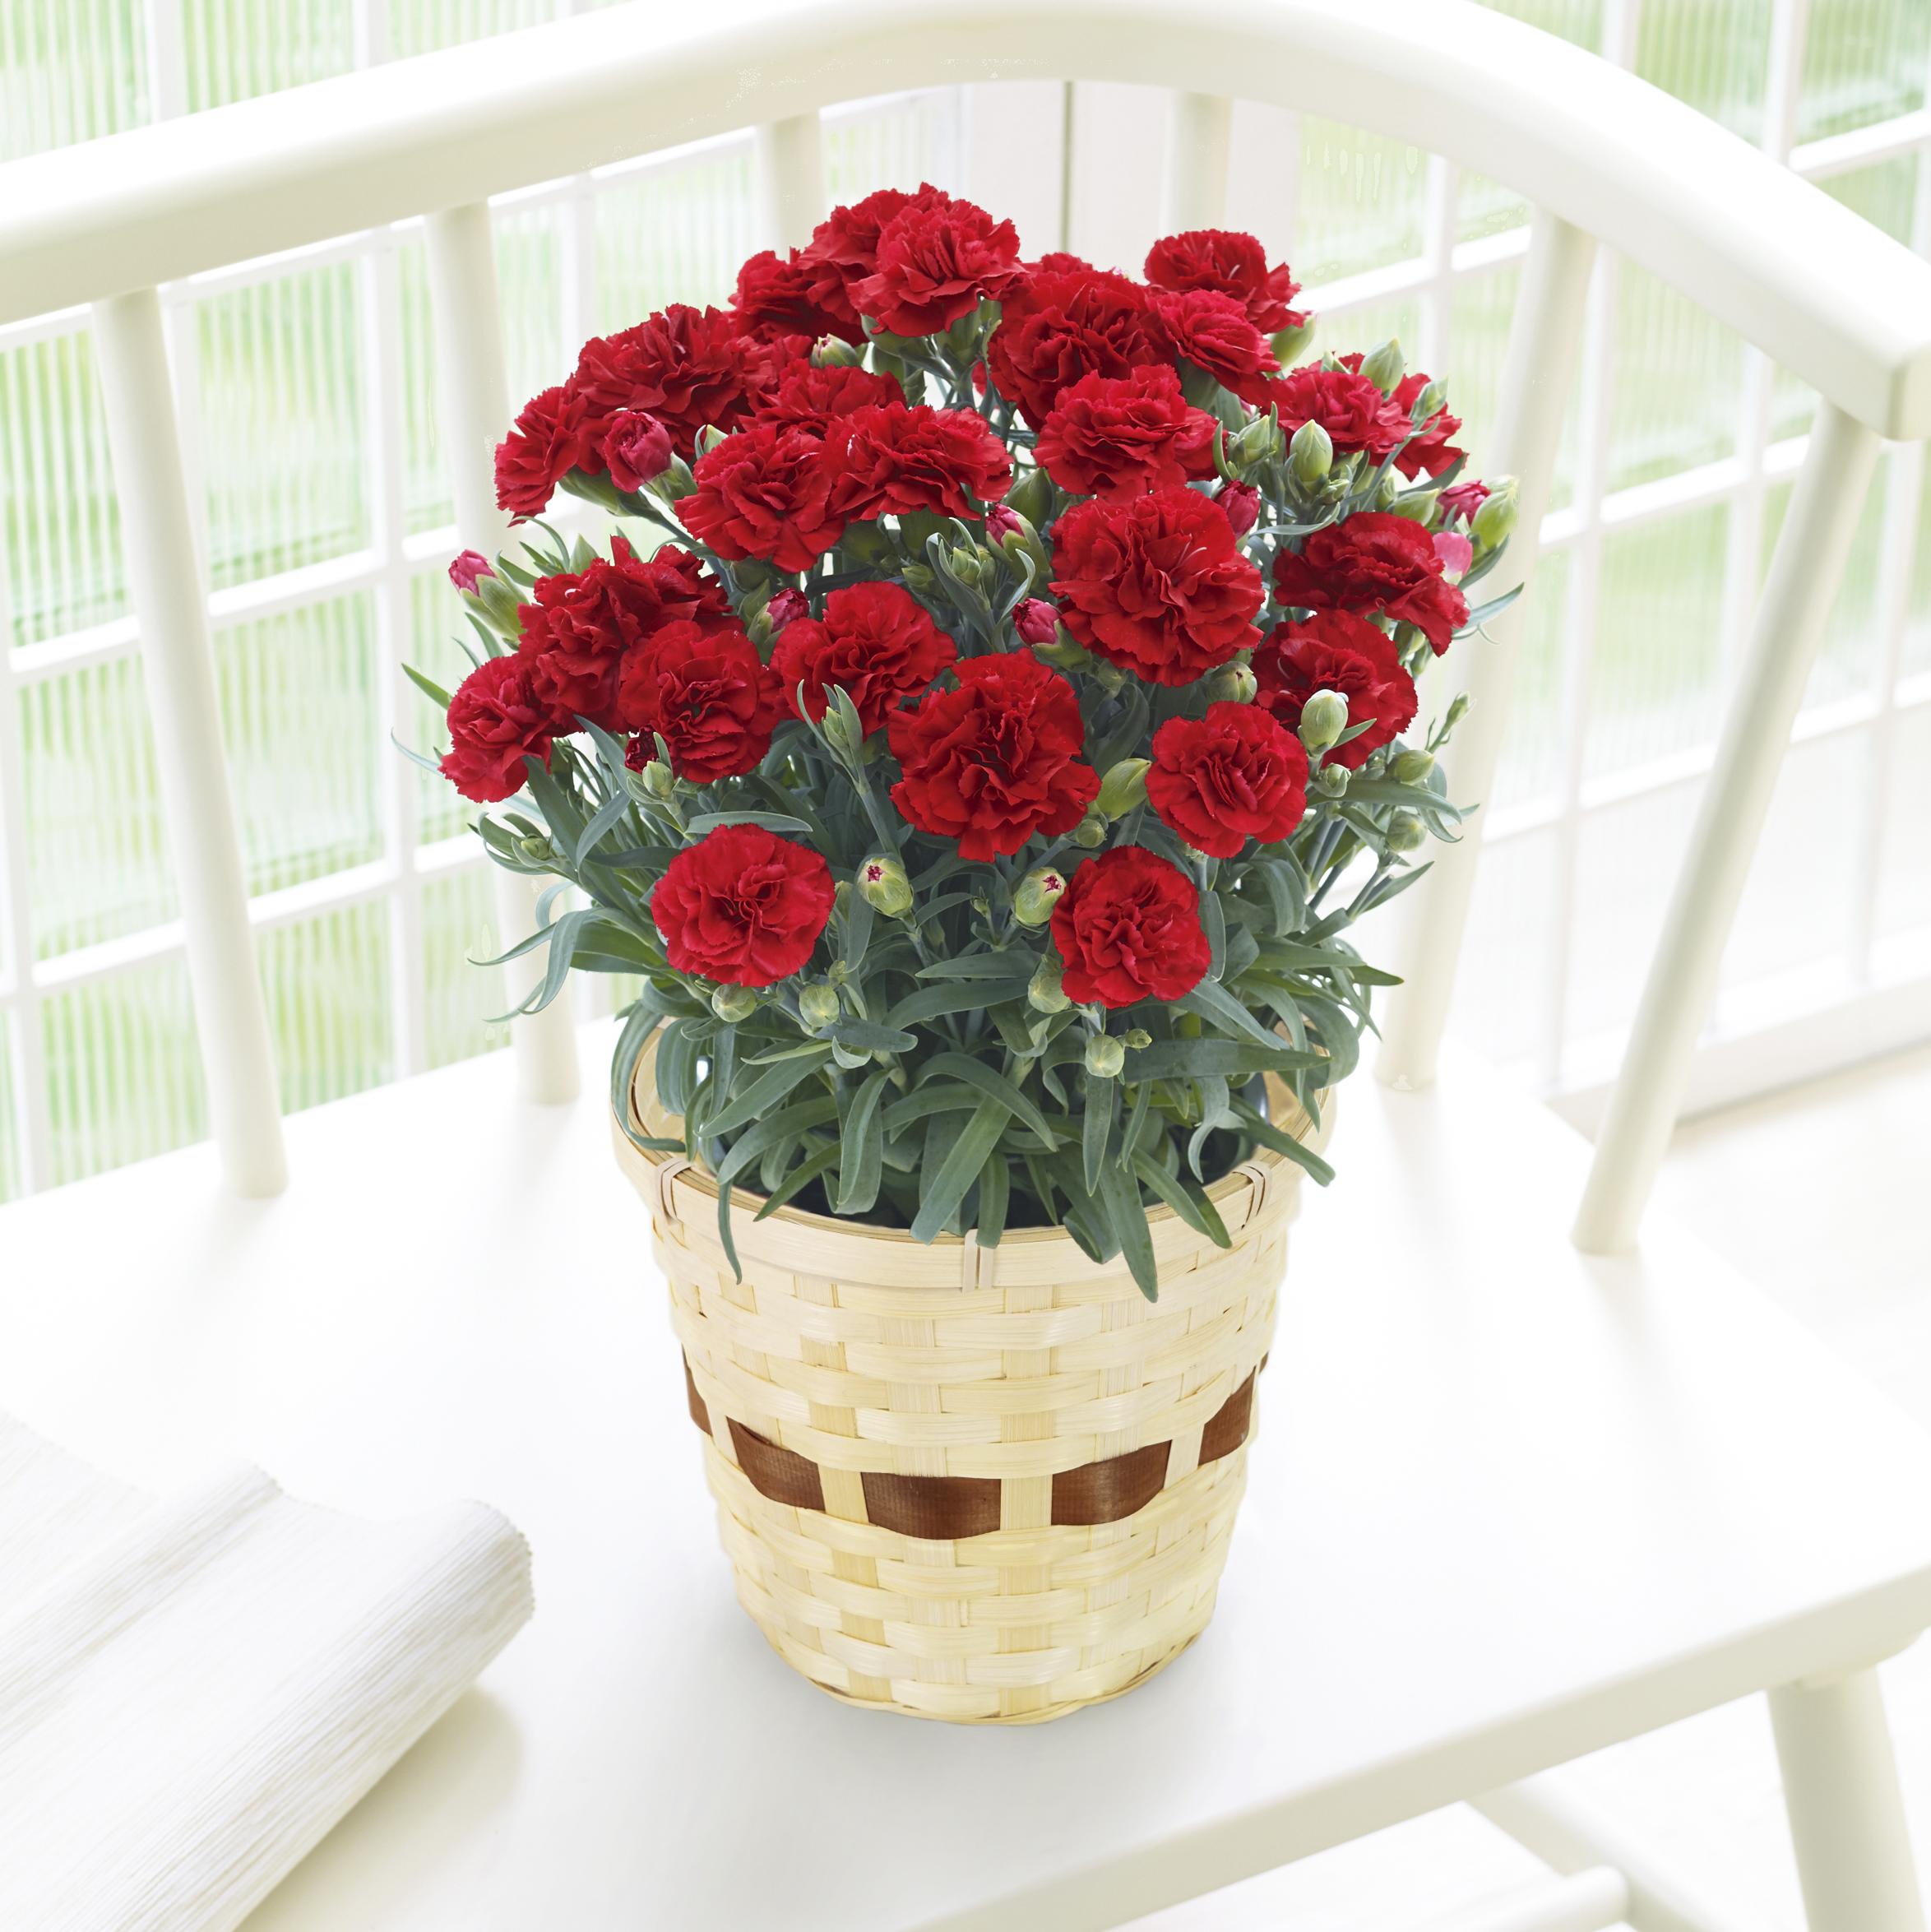 【今ならマスク1枚プレゼント付】母の日 カーネーション鉢植え 赤/レッド 5号鉢 1鉢 - 1